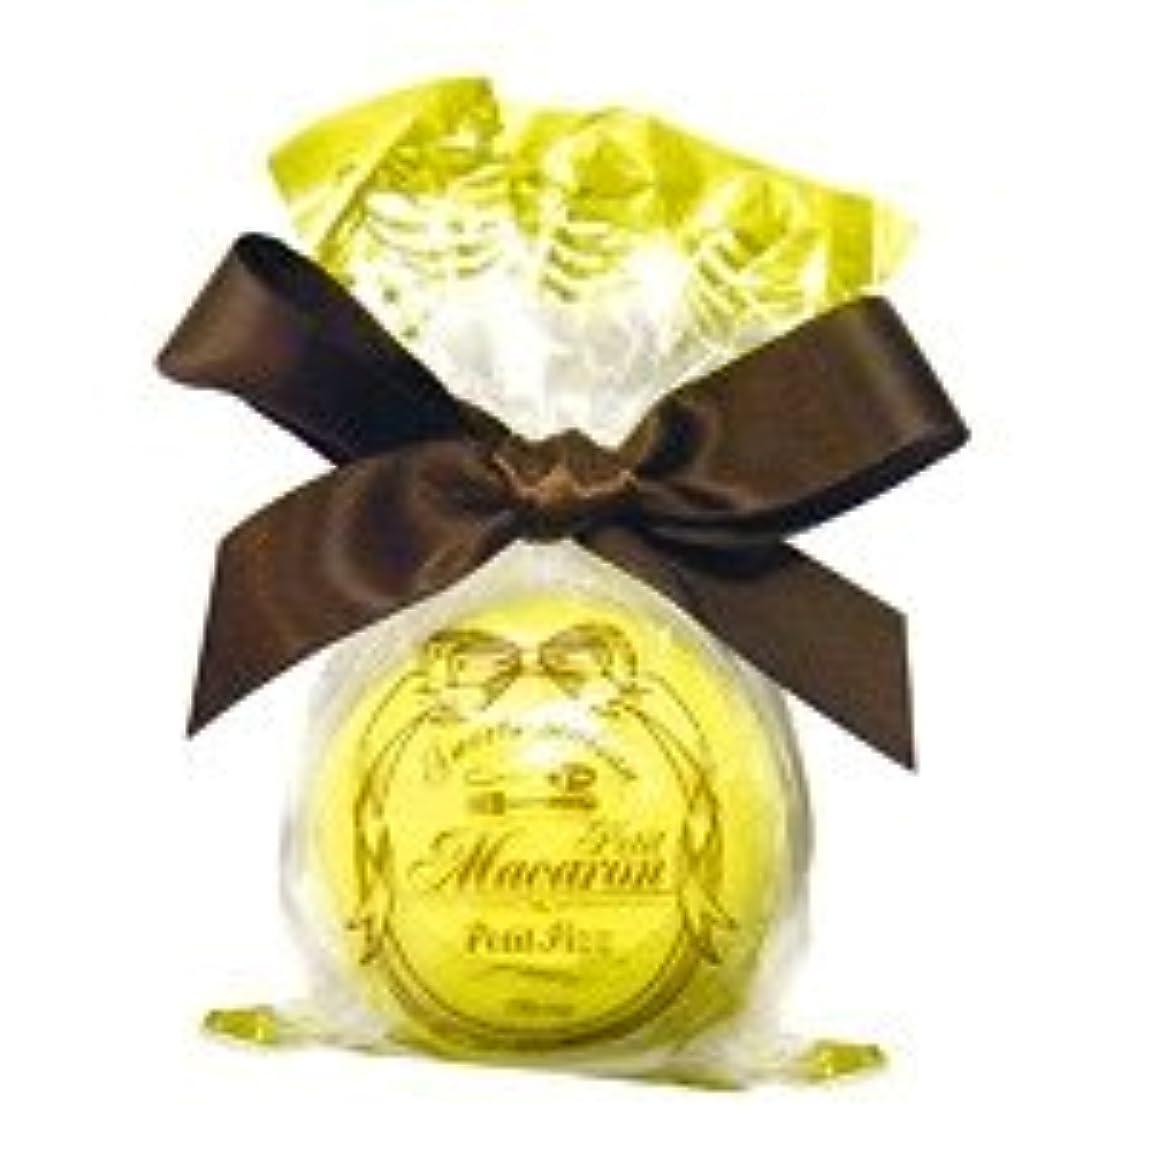 騒乱シーズンパステルスウィーツメゾン プチマカロンフィズ「イエロー」12個セット フレッシュなグレープフルーツの香り